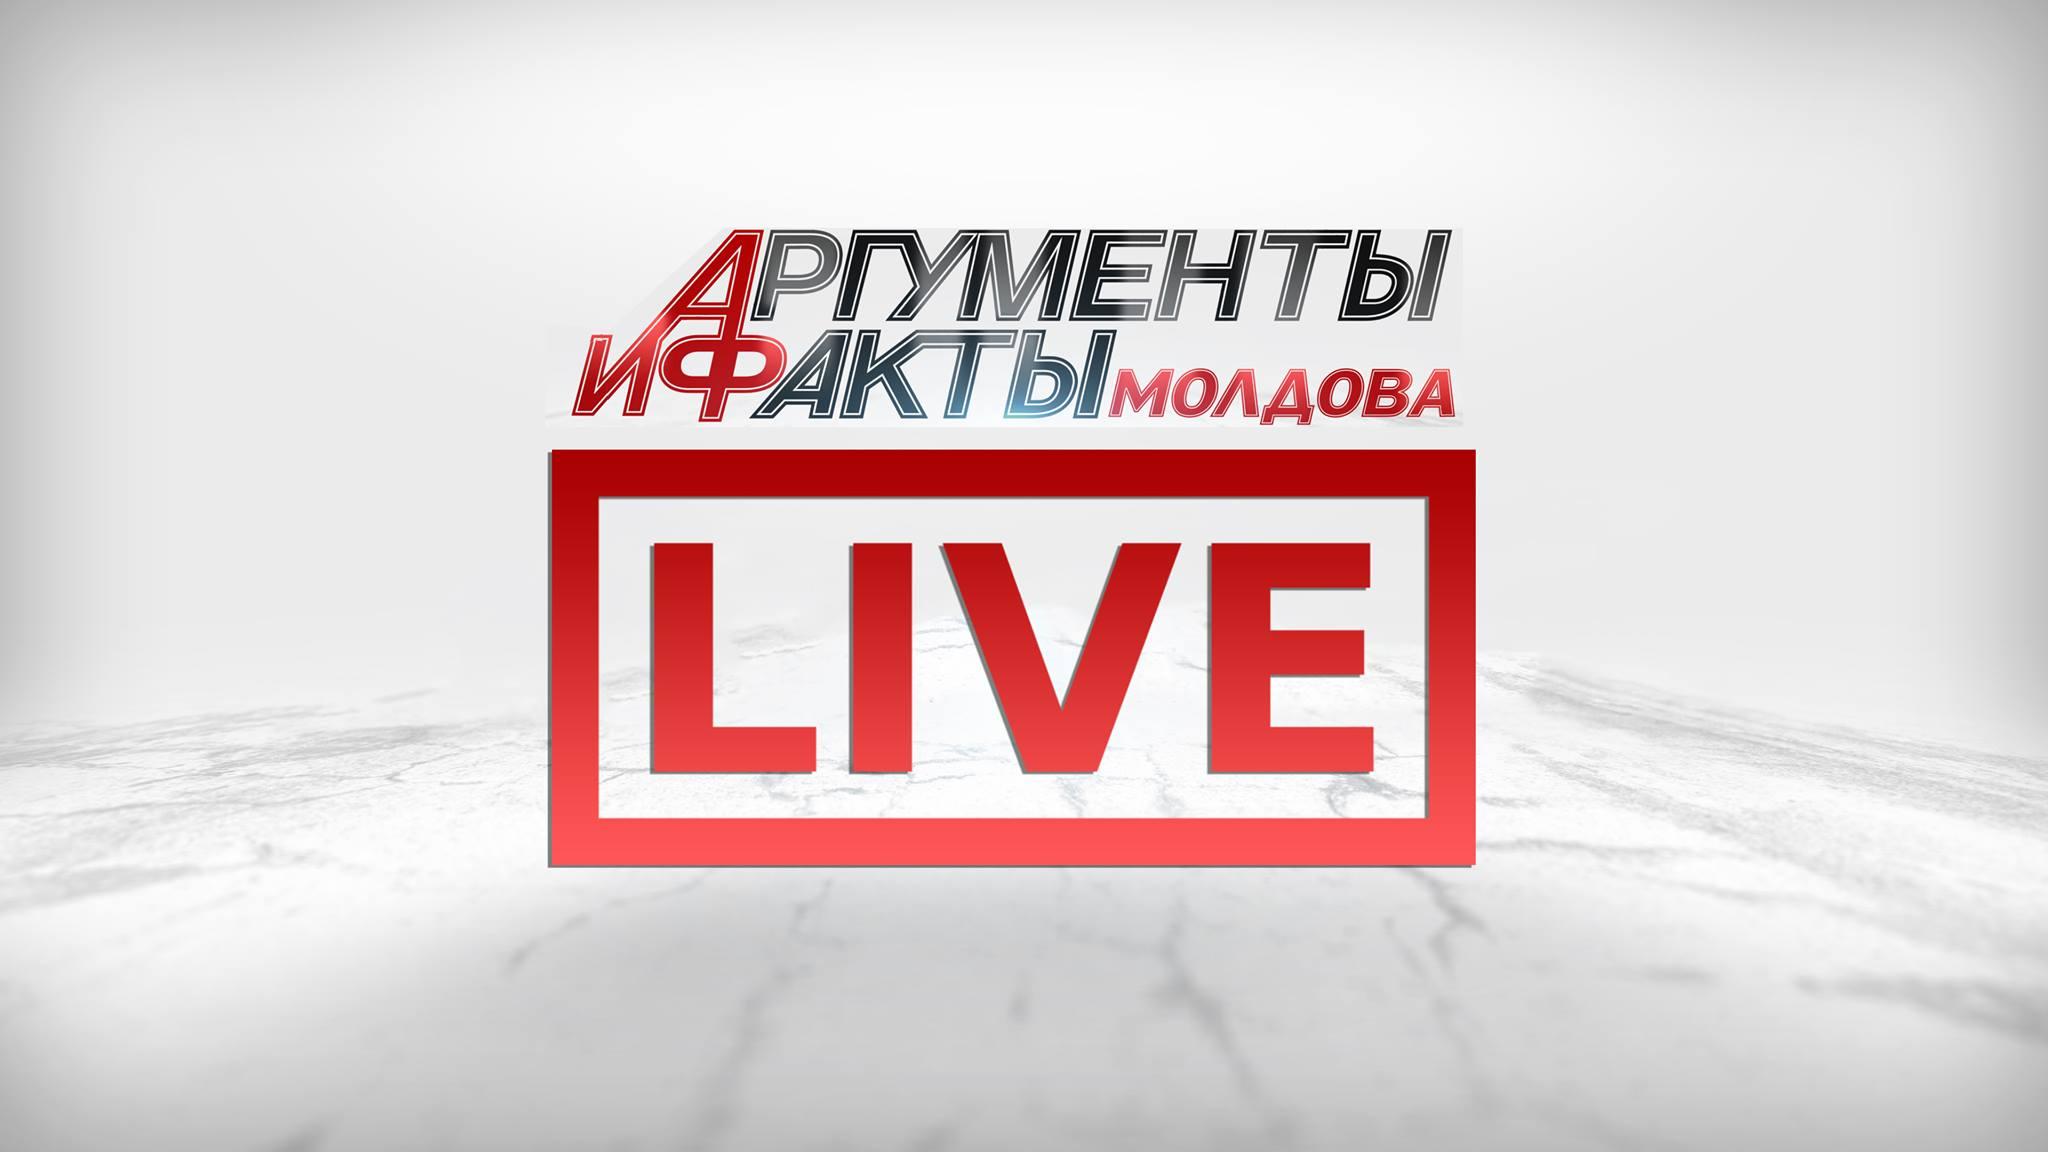 LIVE! ЦИК представляет предварительные результаты второго тура выборов (ВИДЕО)